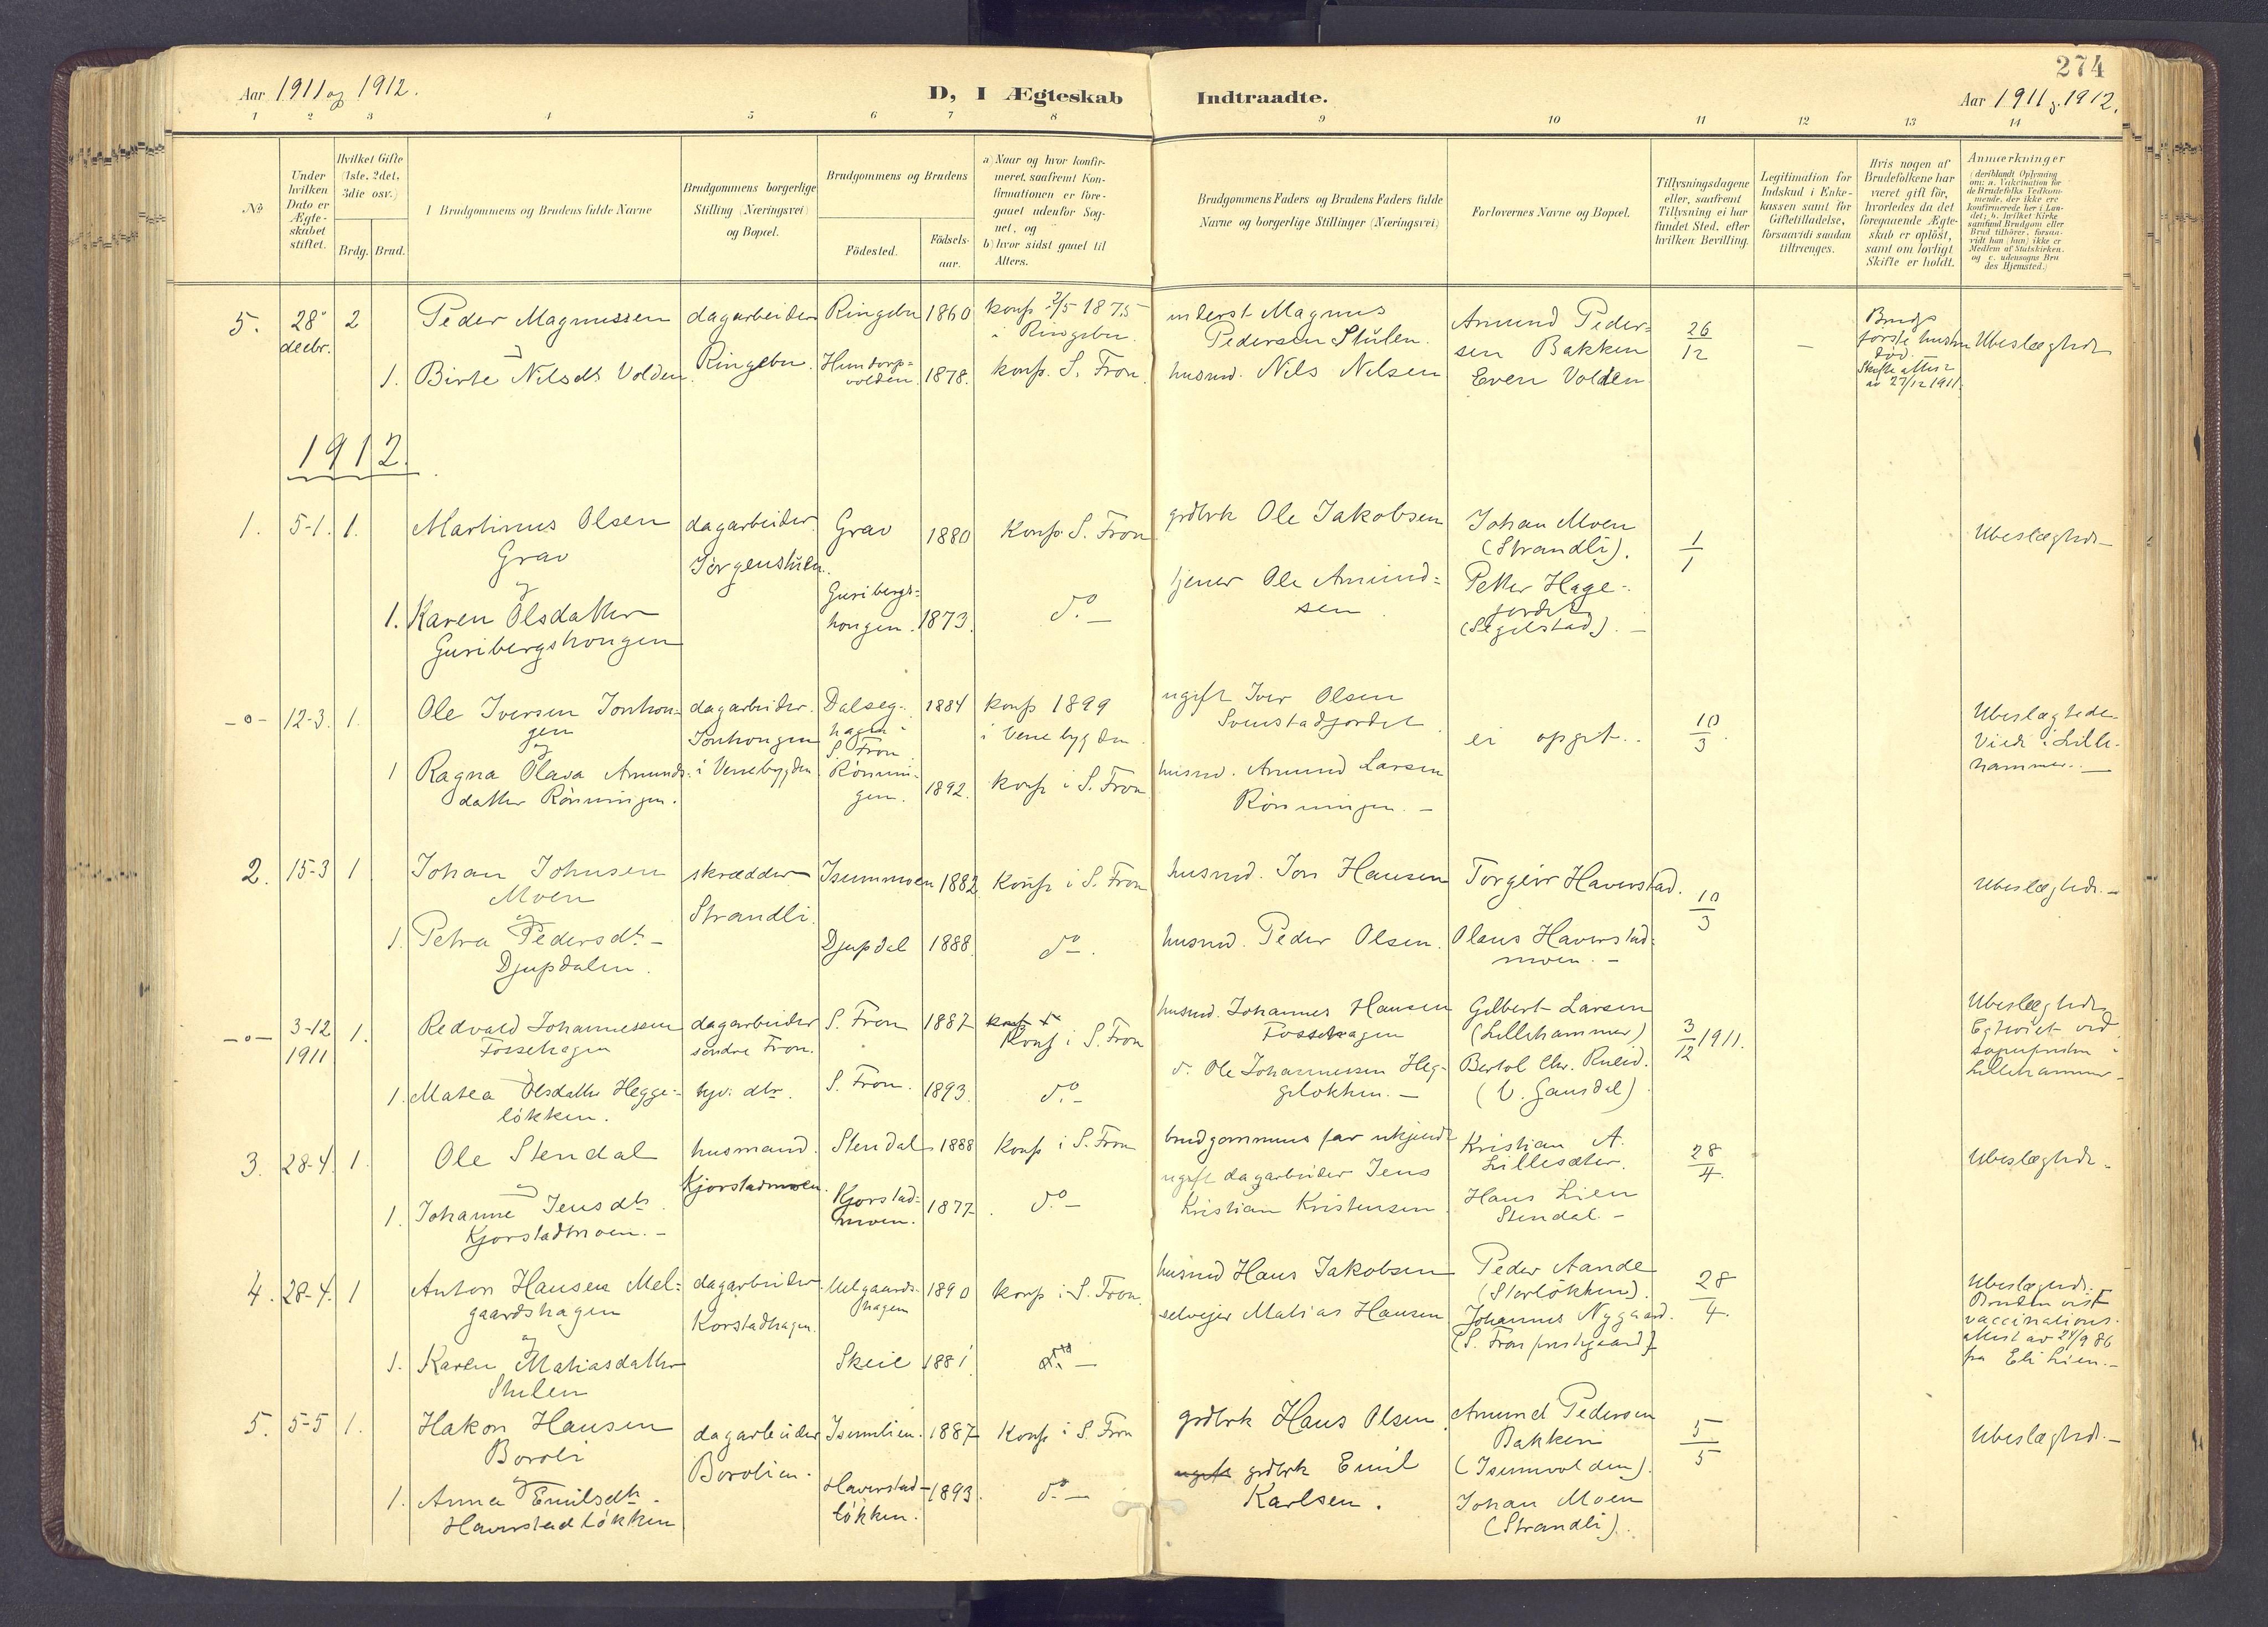 SAH, Sør-Fron prestekontor, H/Ha/Haa/L0004: Ministerialbok nr. 4, 1898-1919, s. 274